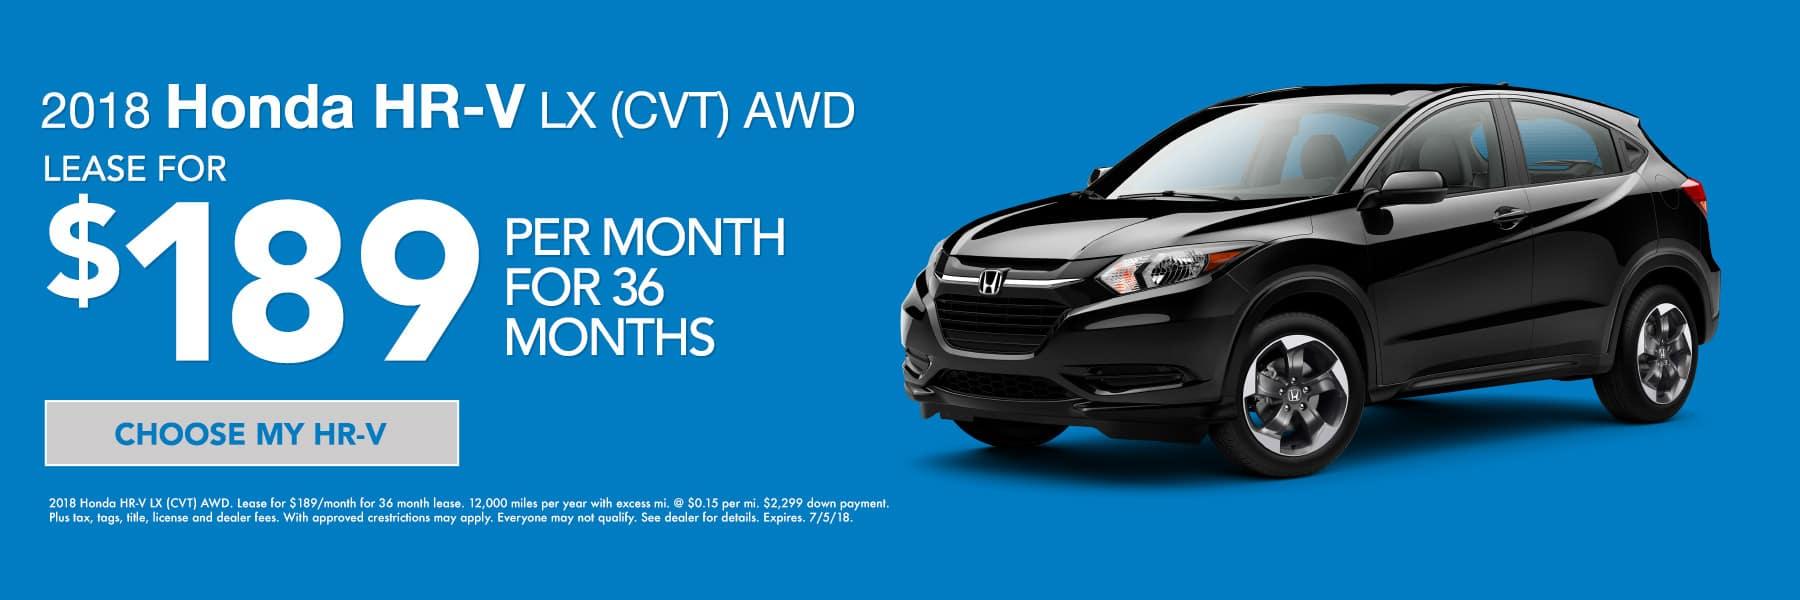 2018 Honda HR-V LX AWD - Lease for $189/mo. for 36 mos. Expires 7/5/18